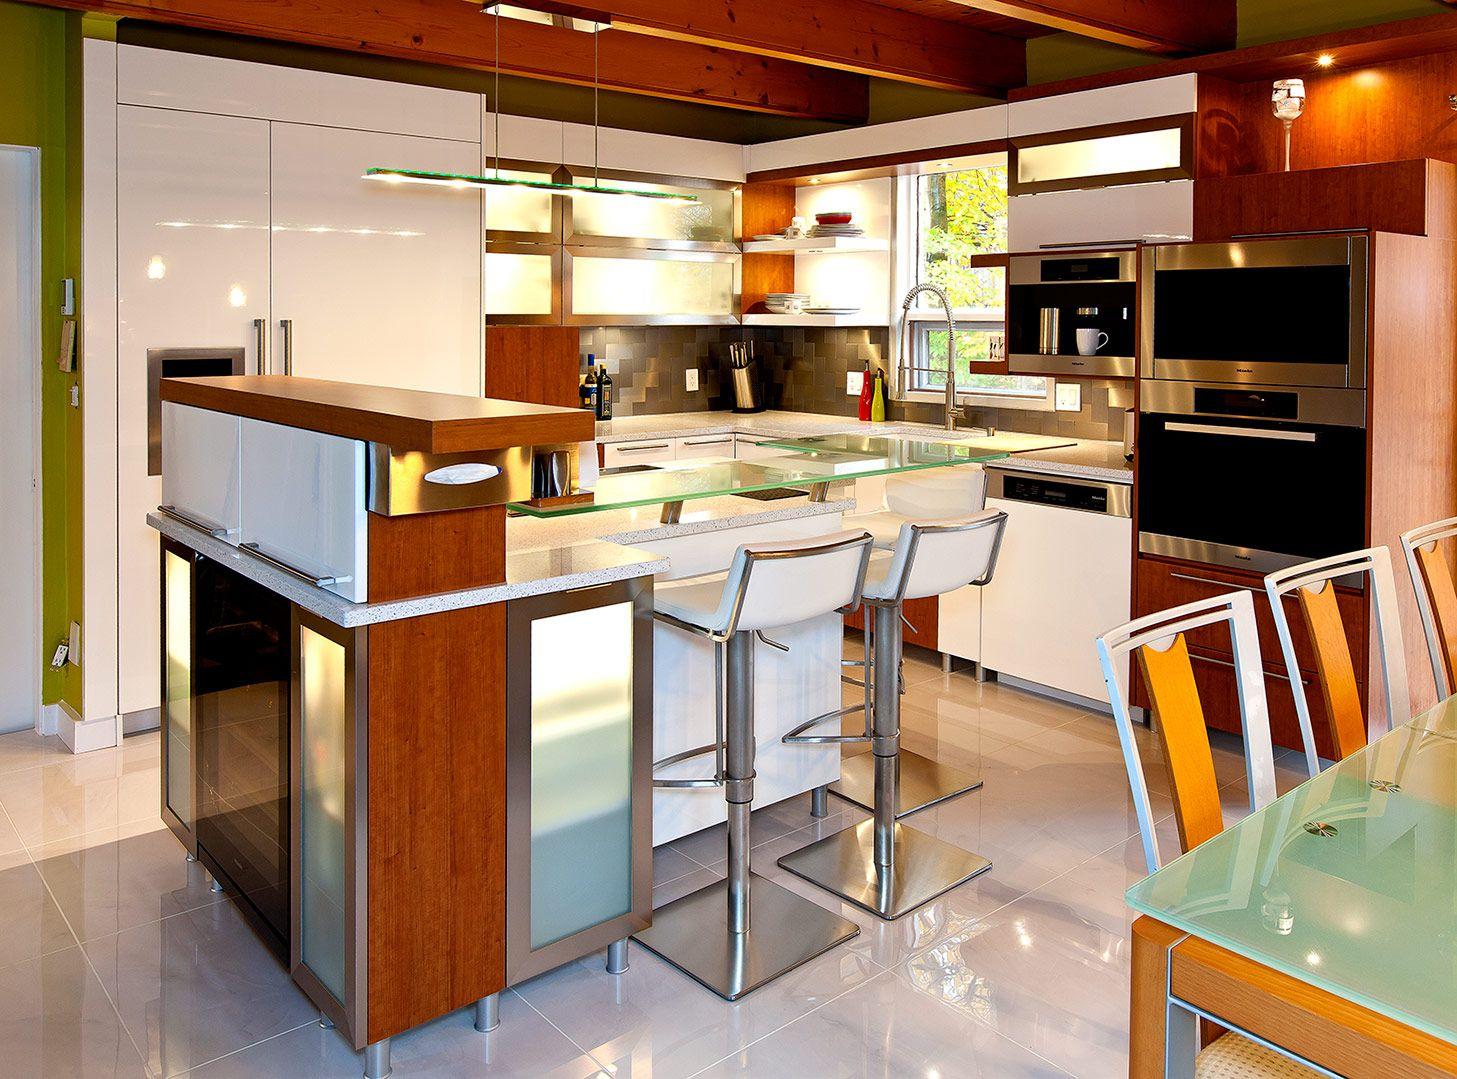 Cuisine moderne griffe cuisine for Cuisine moderne en bois 2014